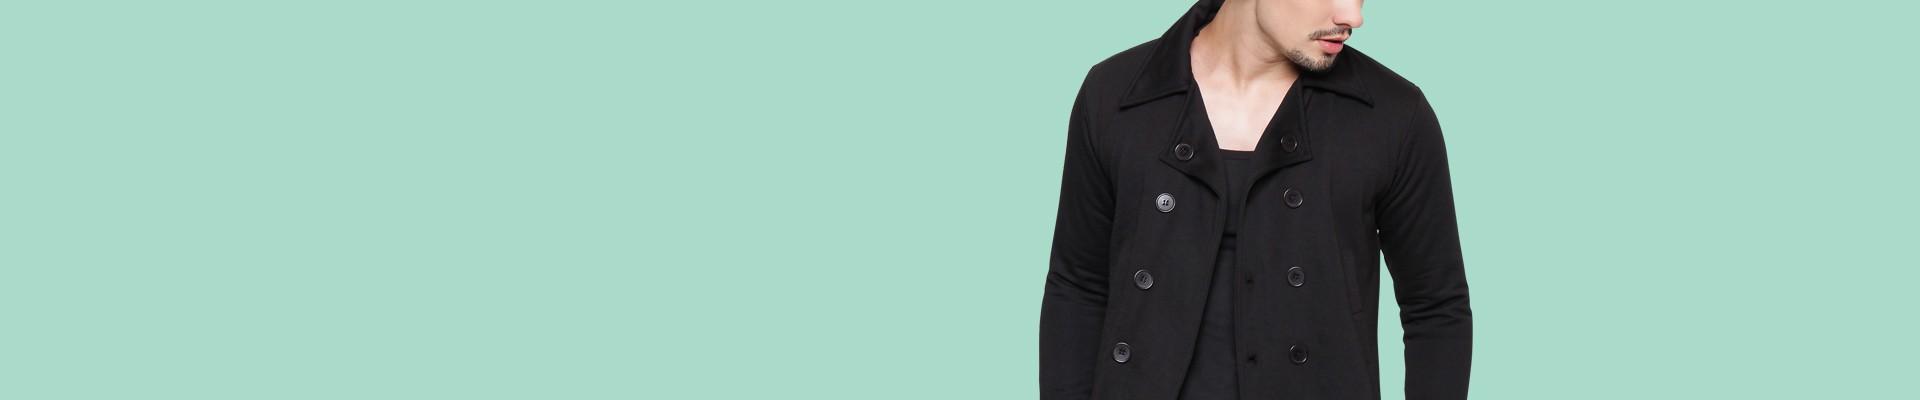 Jual Model Jaket Musim Dingin & Mantel Pria Terbaru